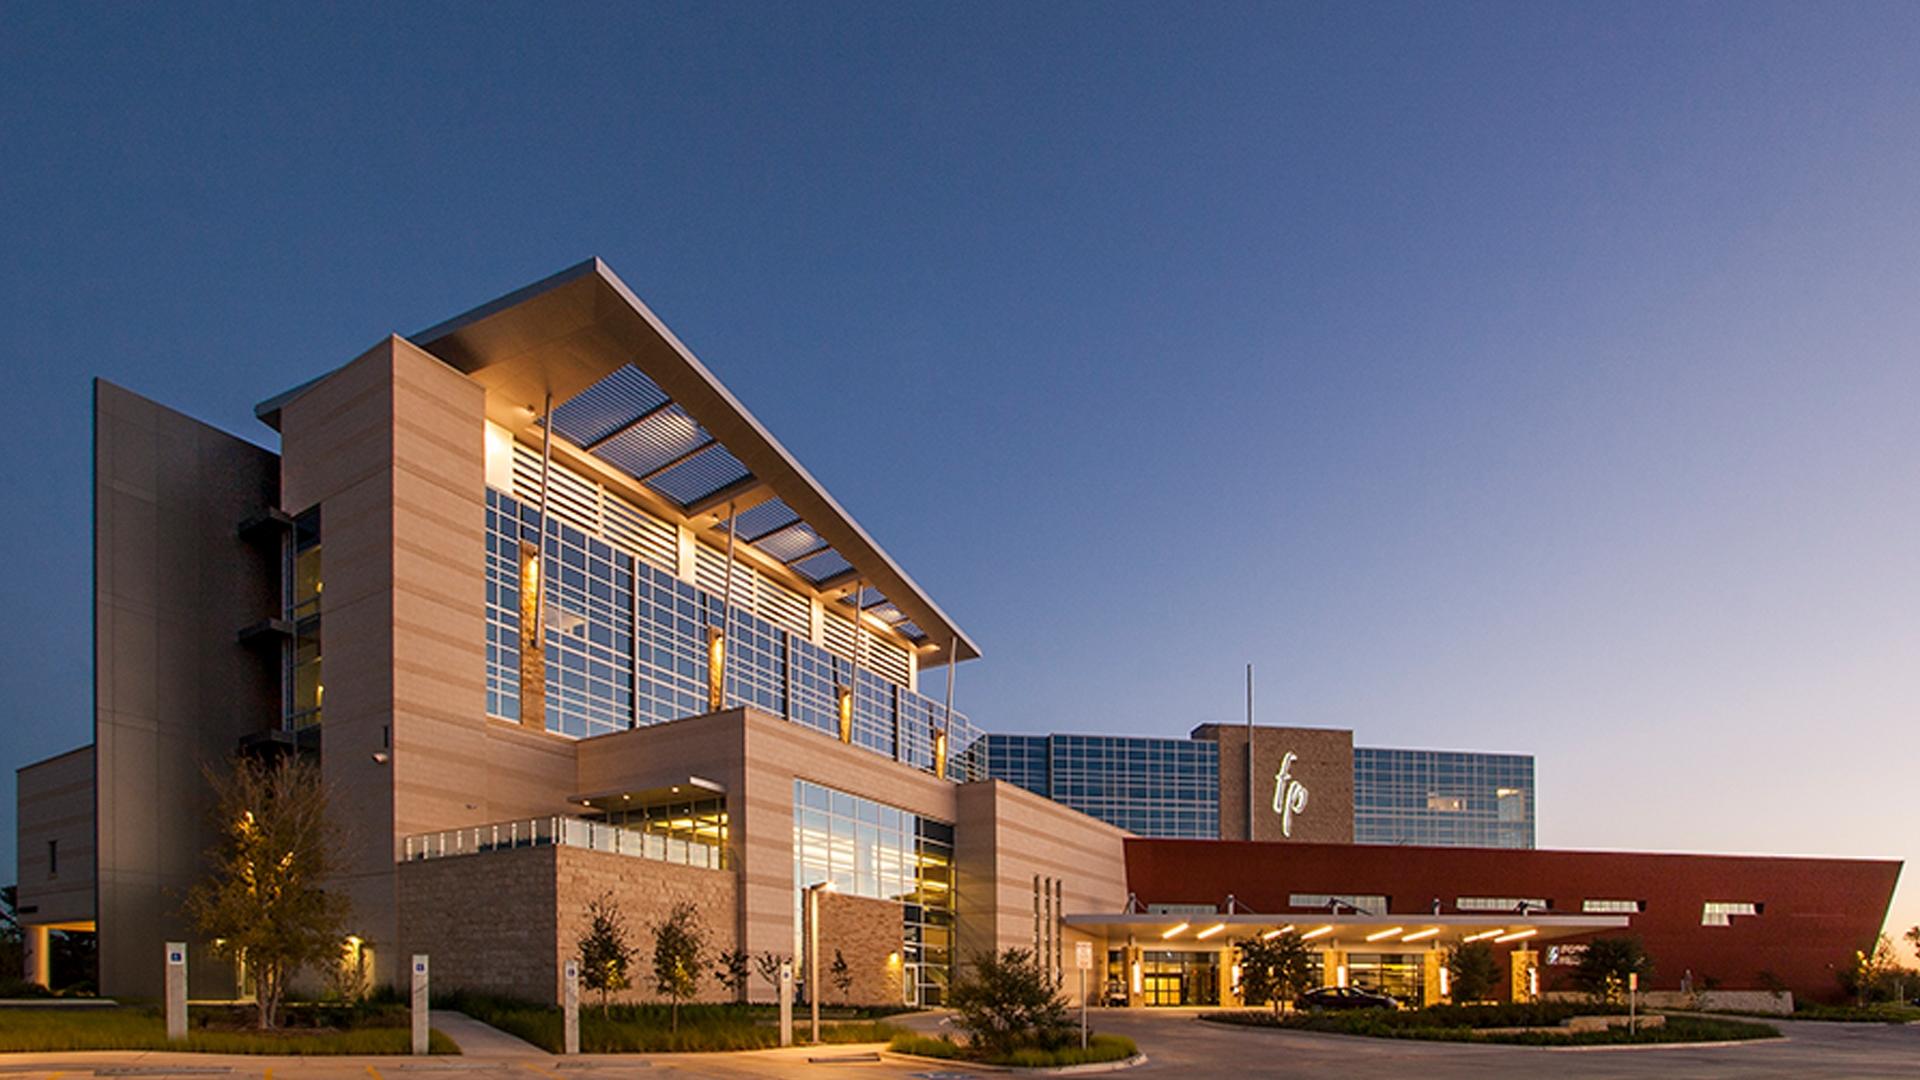 Forest Park Medical Center